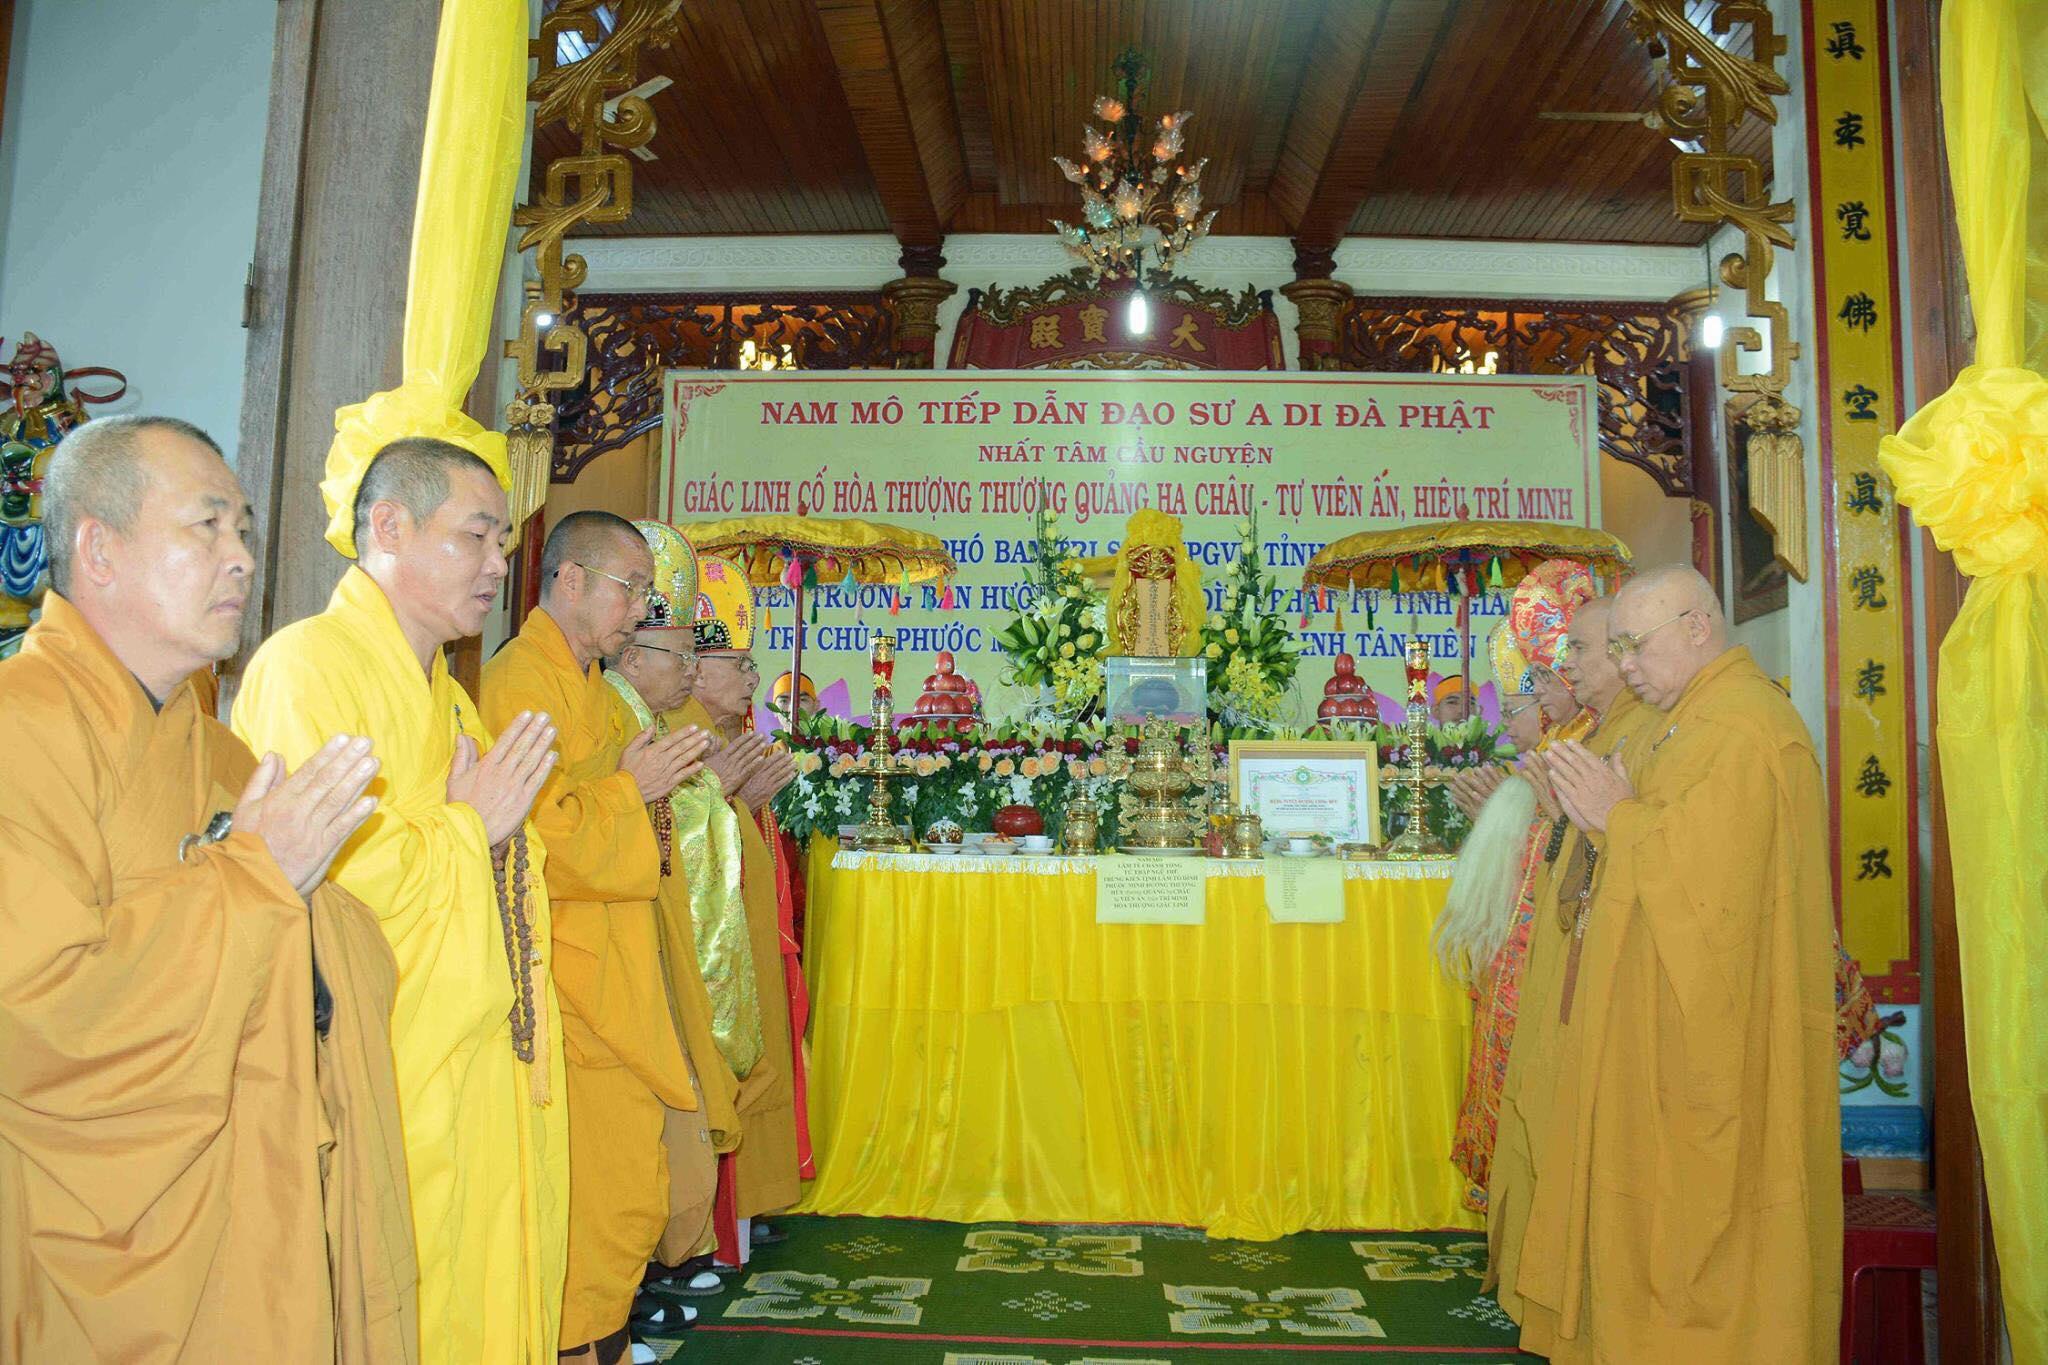 ... về nhập tháp tại Tổ Đình Tịnh Lâm (Bình Đình) trong niềm kính tiếc và trầm hùng niệm Phật của đại chúng. Sau đây là một số hình ảnh ghi nhận được: